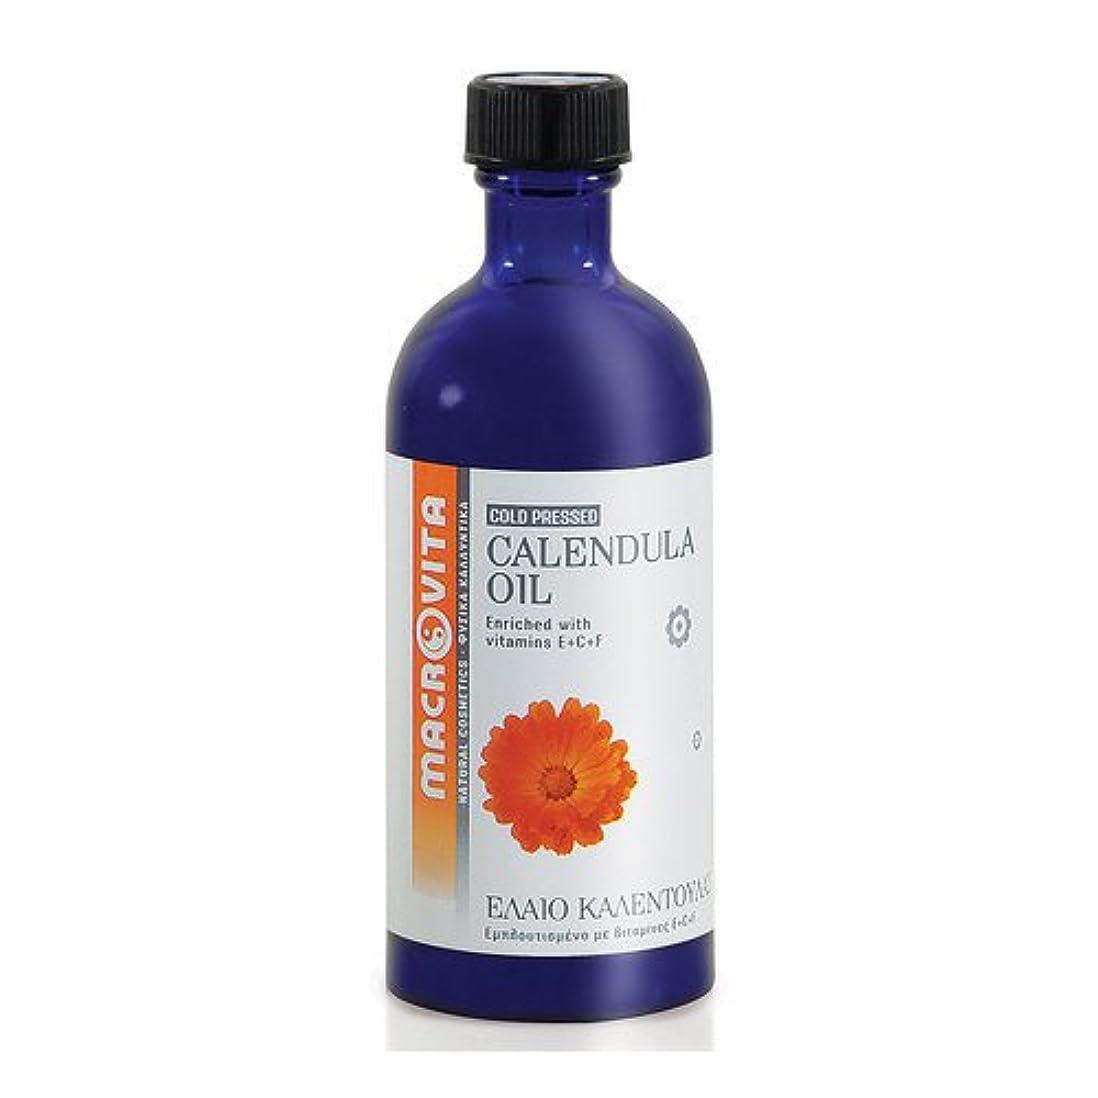 誇り奇妙な雇うマクロビータ カレンデュラオイル 100ml ギリシャ自然派化粧品コスメオイル (天然成分100%)